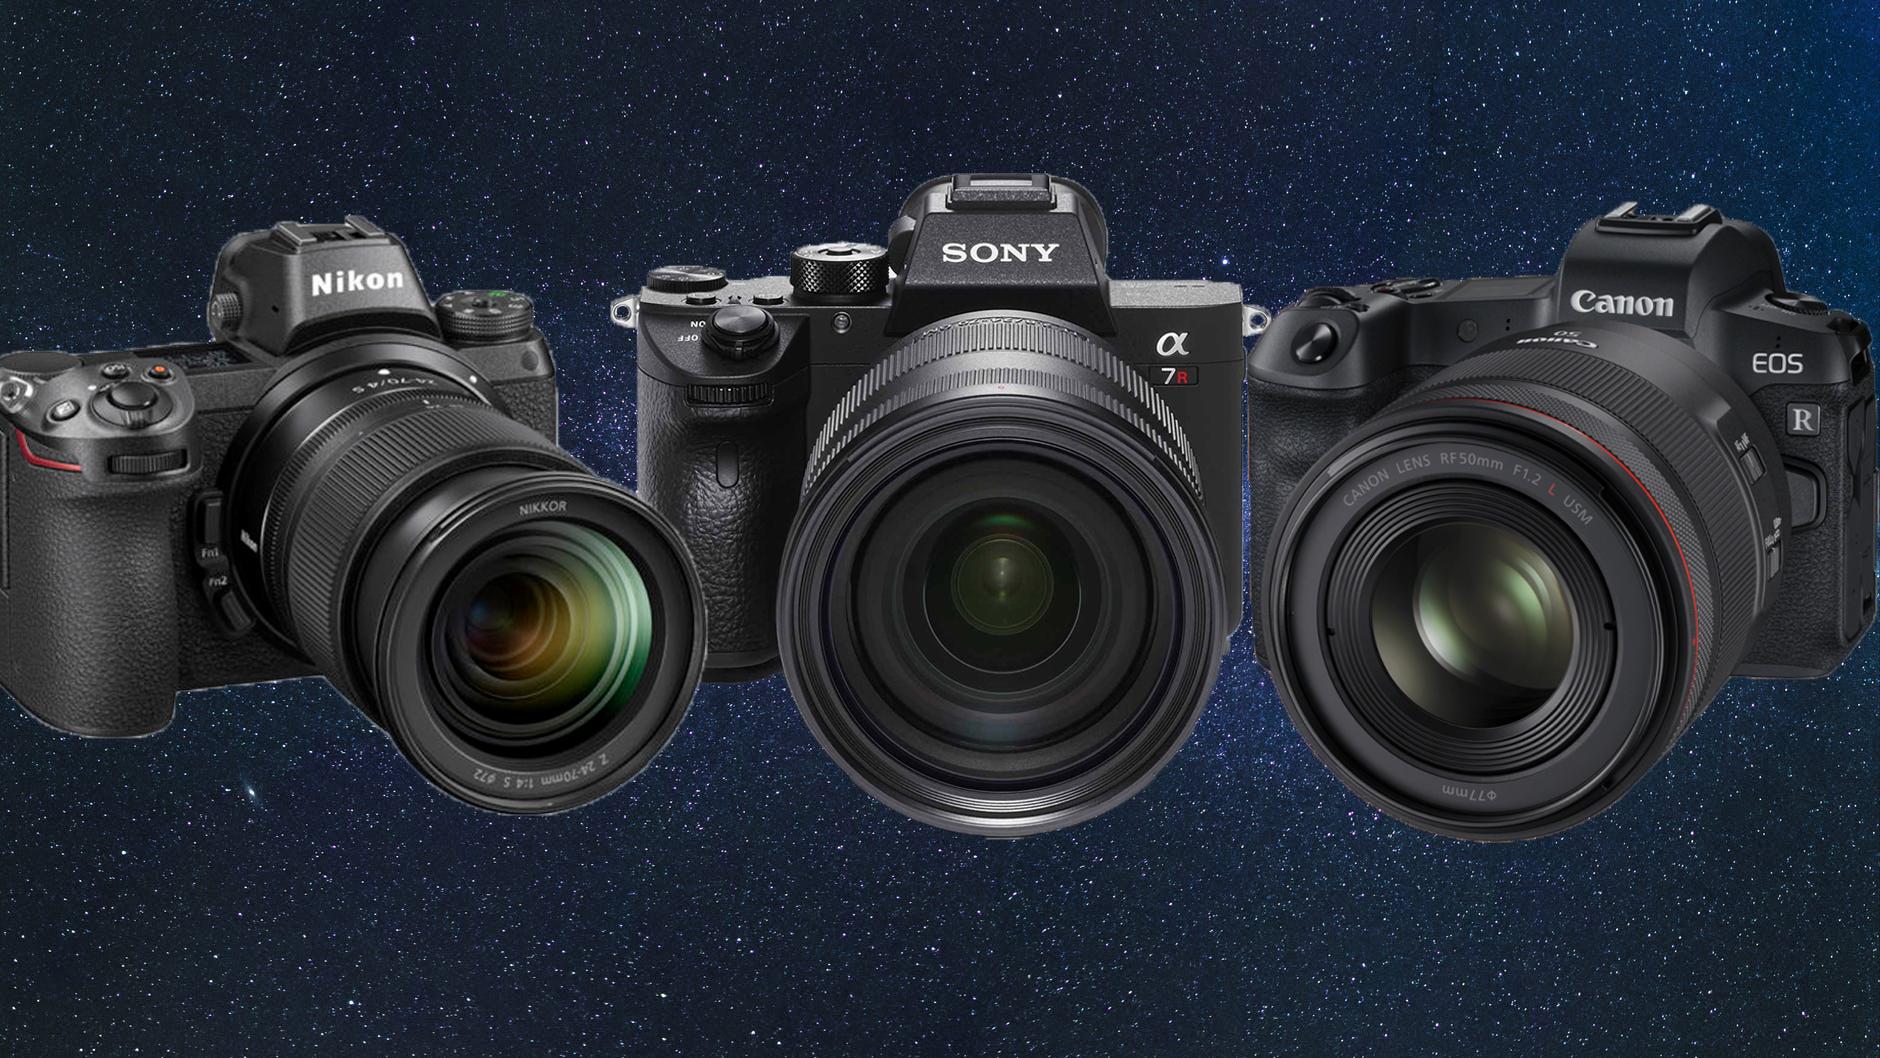 Máy ảnh mirrorless bùng nổ: Khi Canon và Nikon chính thức bước vào cuộc chơi | ELLE Man Việt Nam